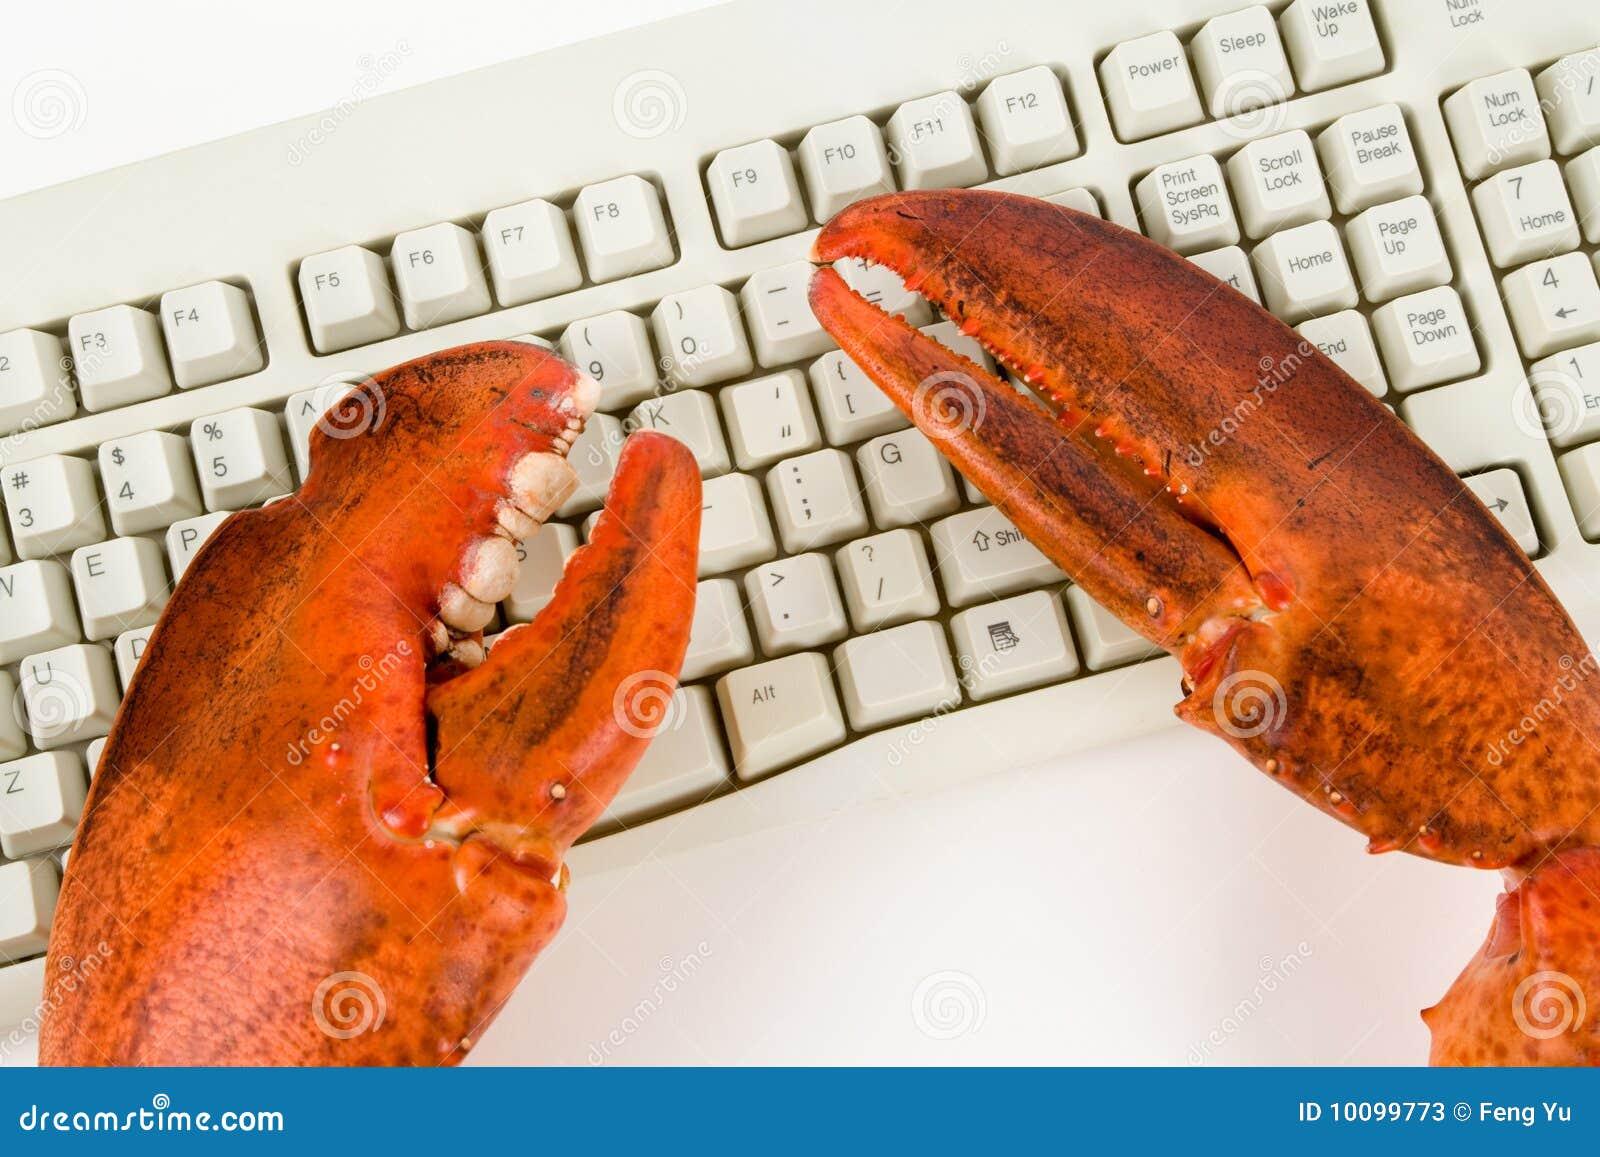 Hummer Greifer Und Computer Tastatur Stockbild Bild Von Aktivität